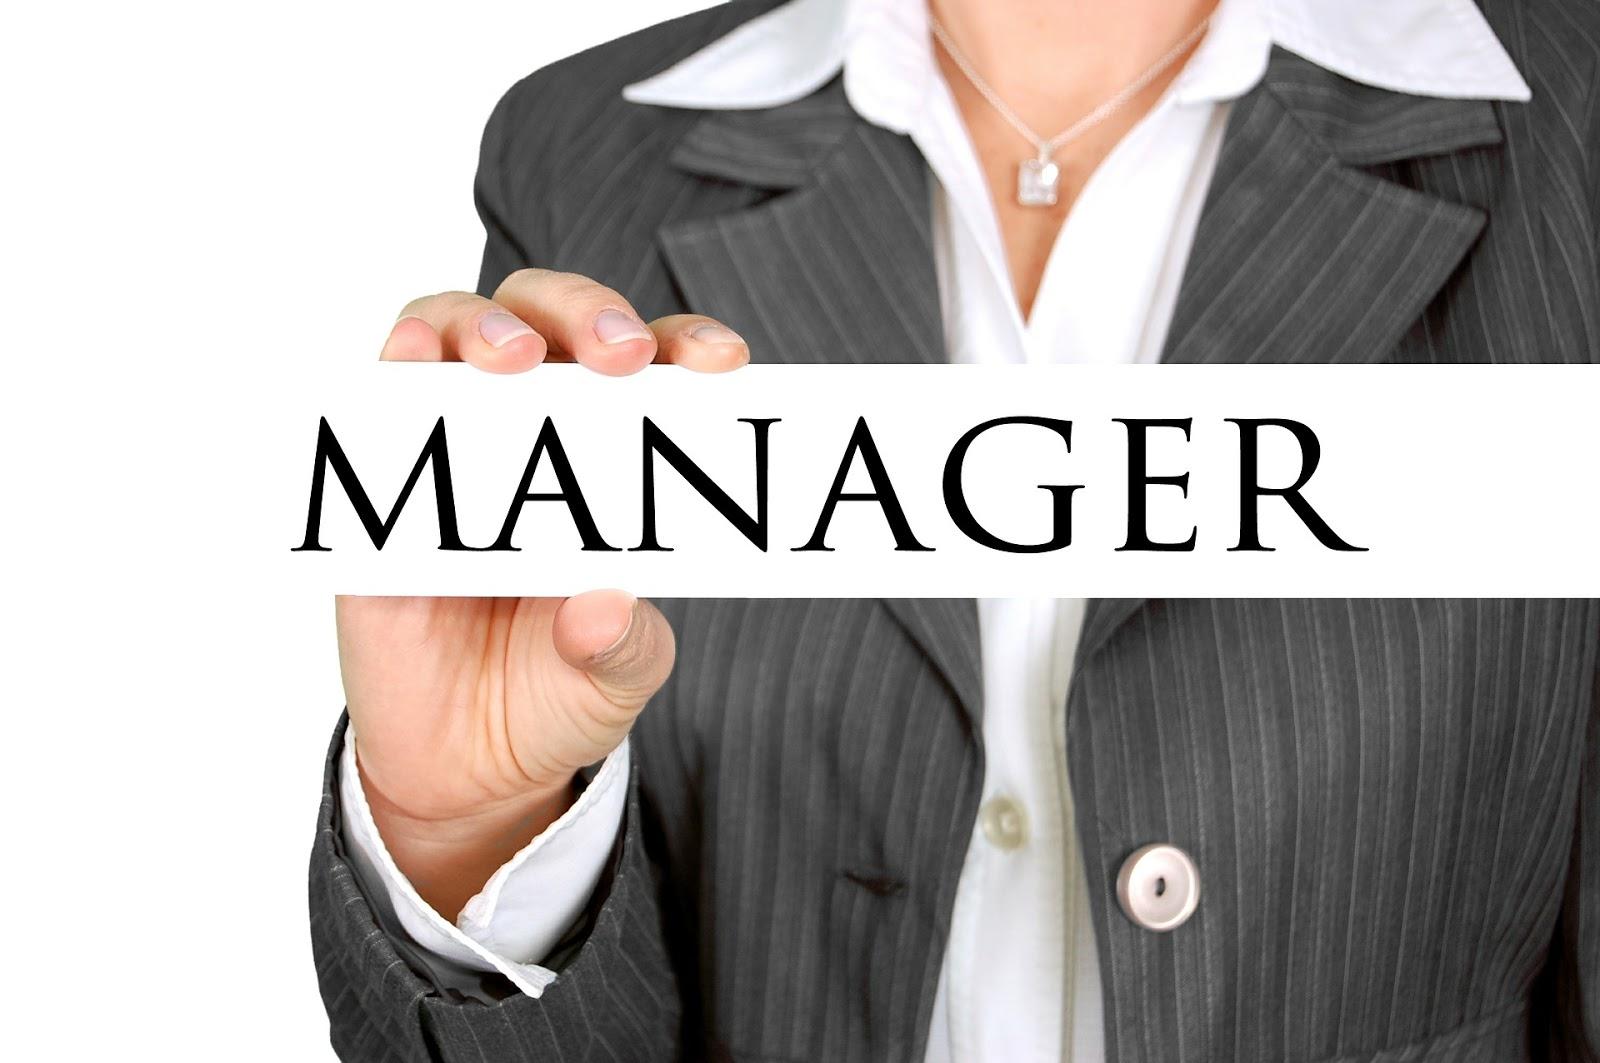 公司的經理是否適用勞基法?答案就是「不一定」與「綜合判斷」